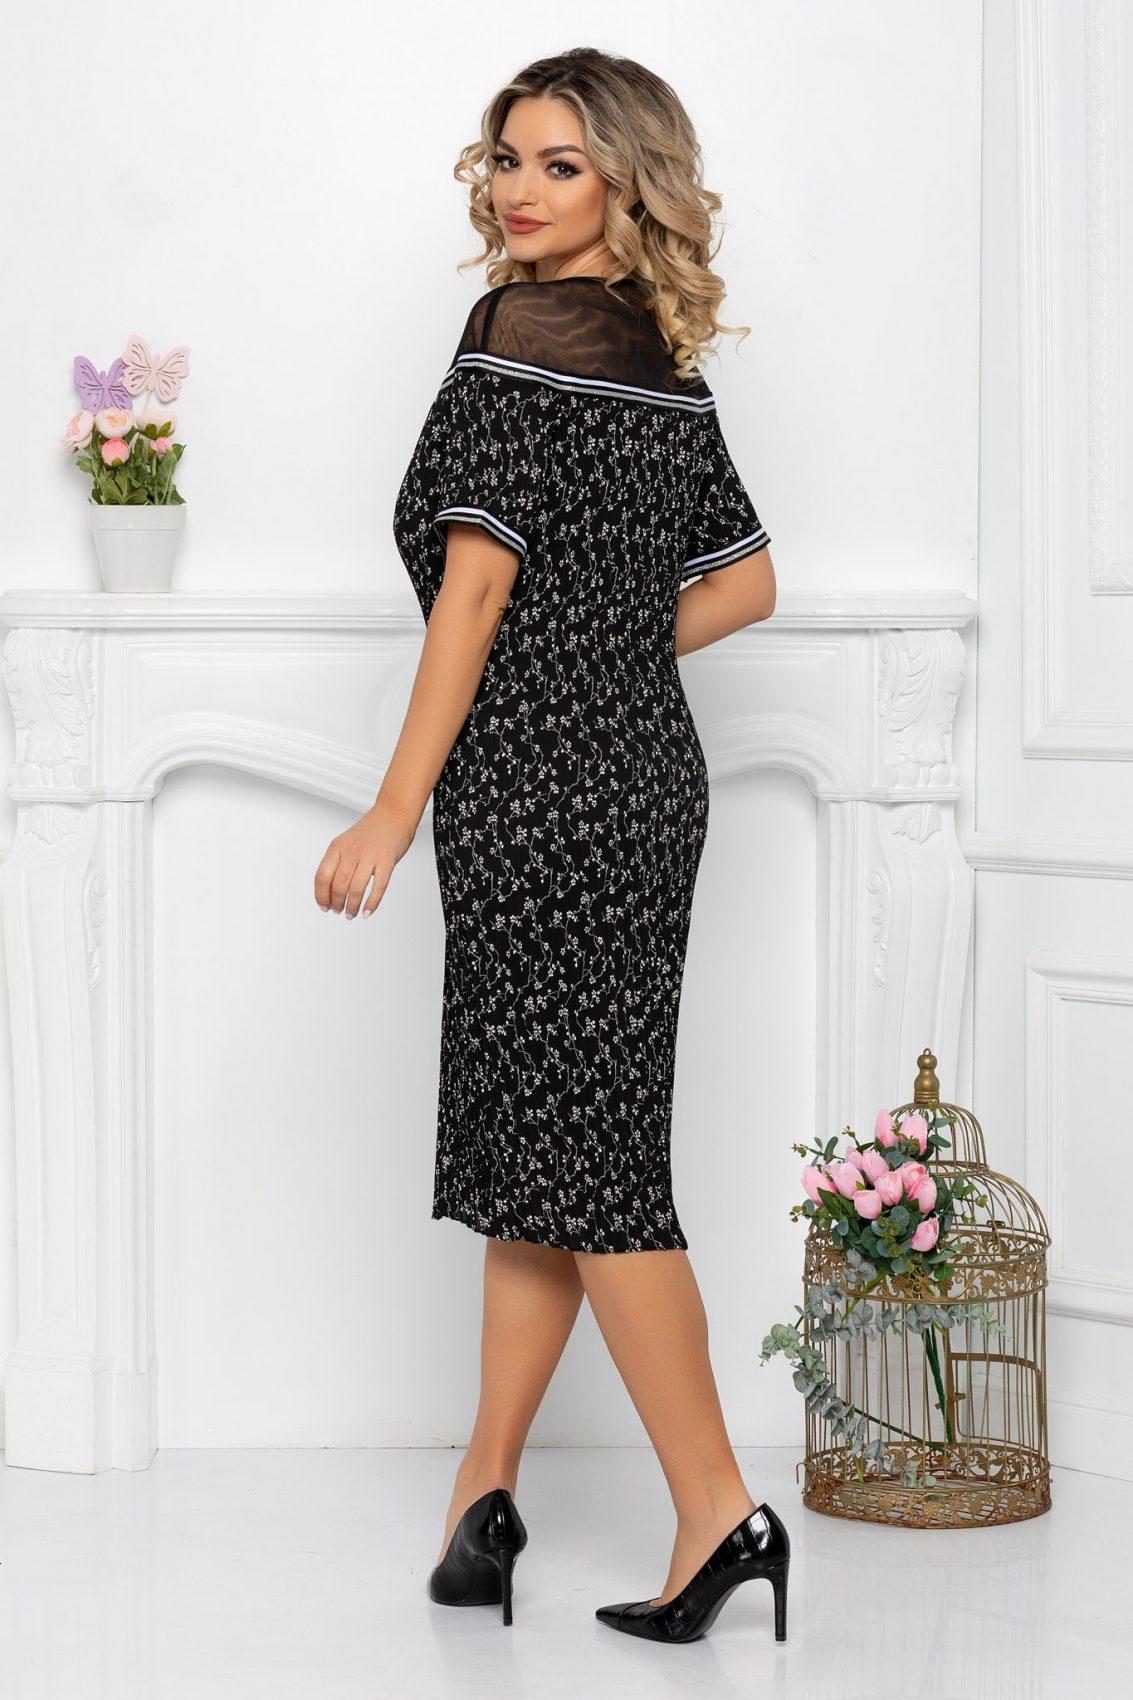 Μαύρο Φλοράλ Κοντομάνικο Πλισέ Φόρεμα Hanna 9429 2